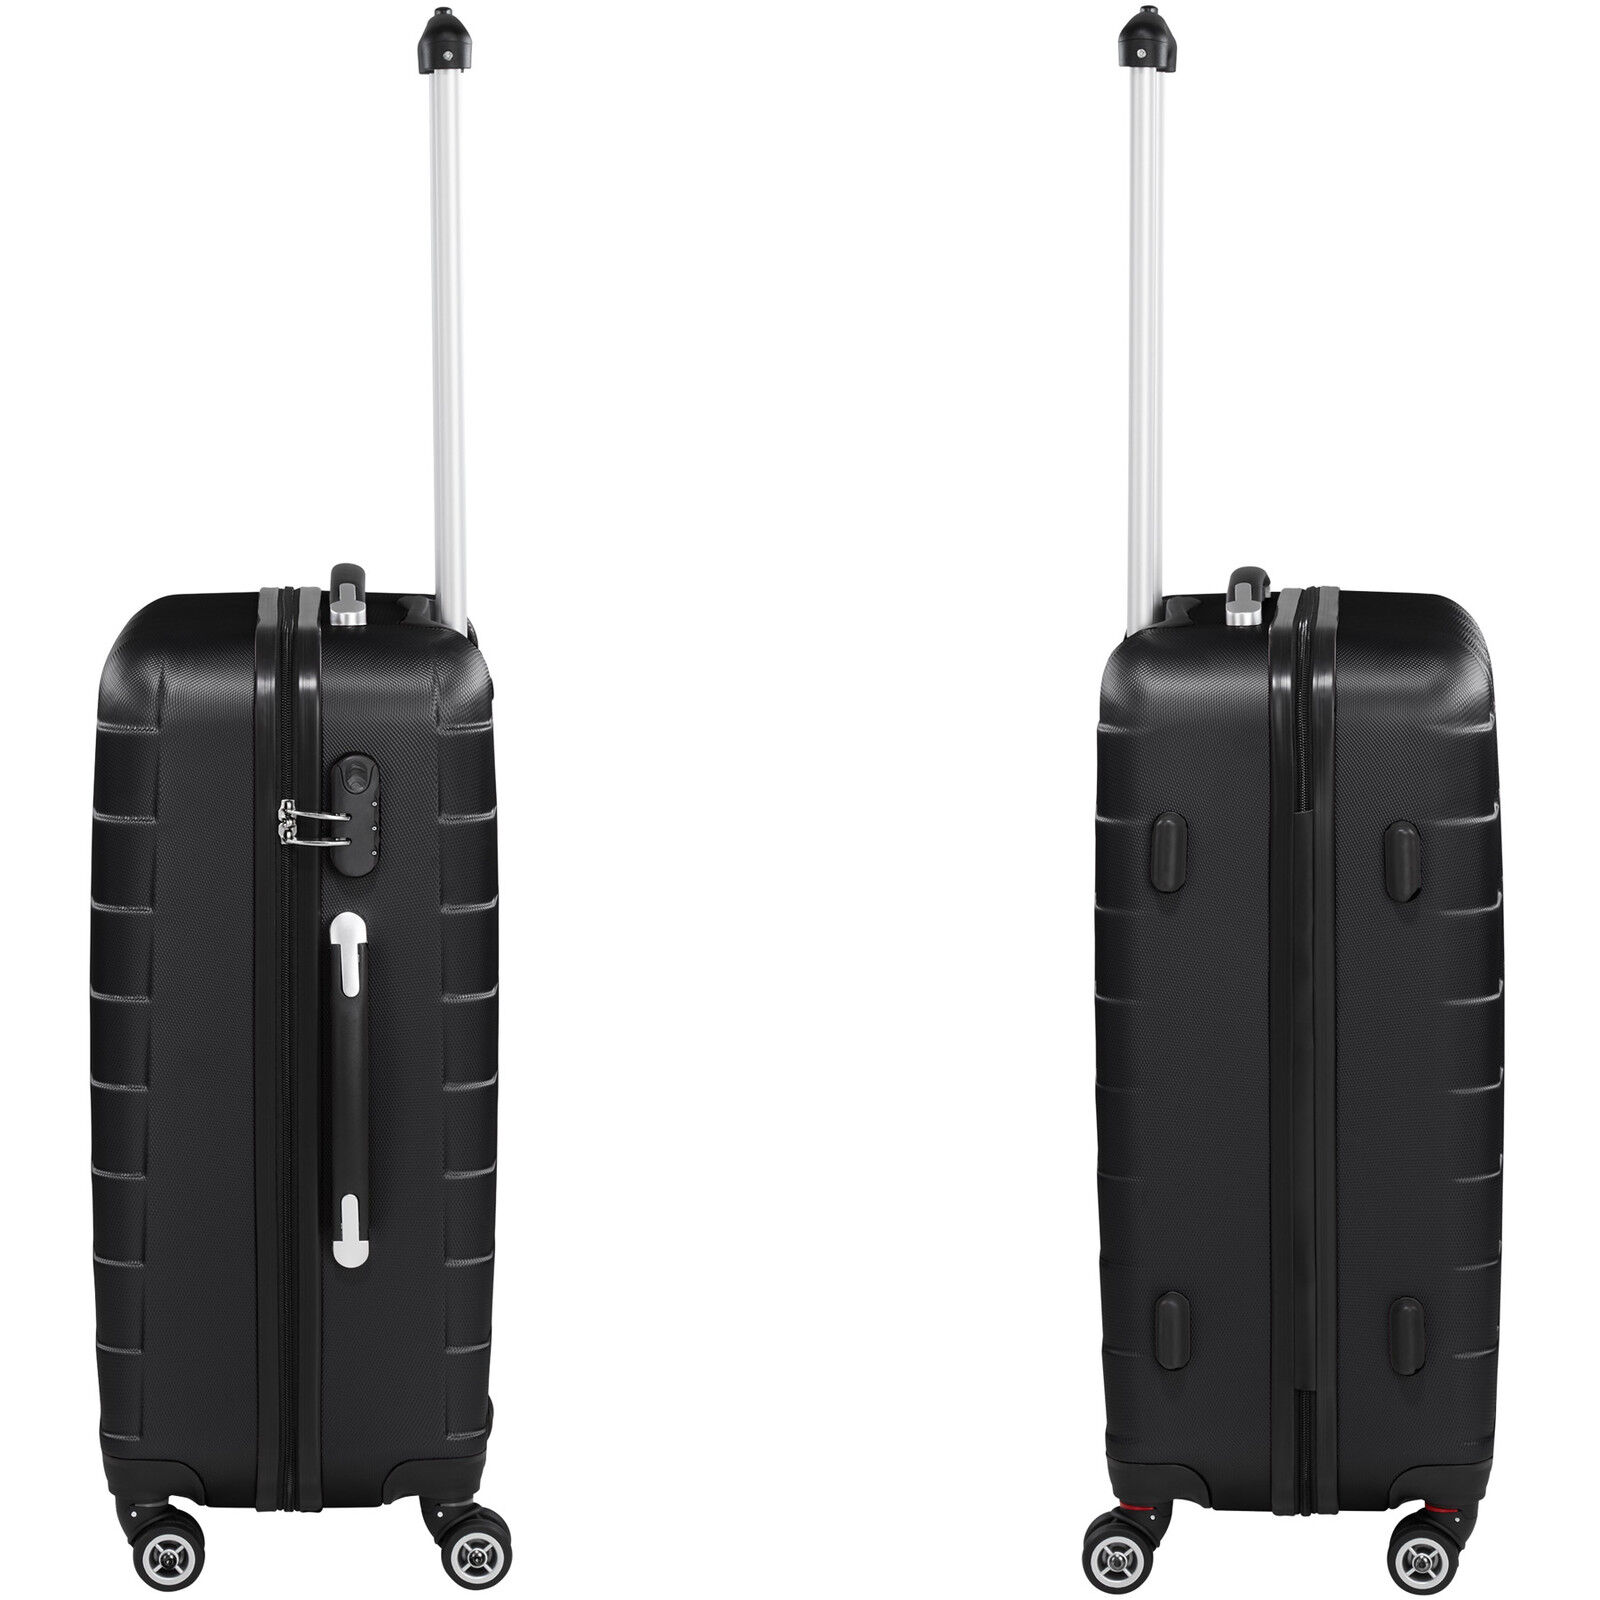 Set de 3 valises de voyage coque ABS léger rigide bagages valise trolley noir 4